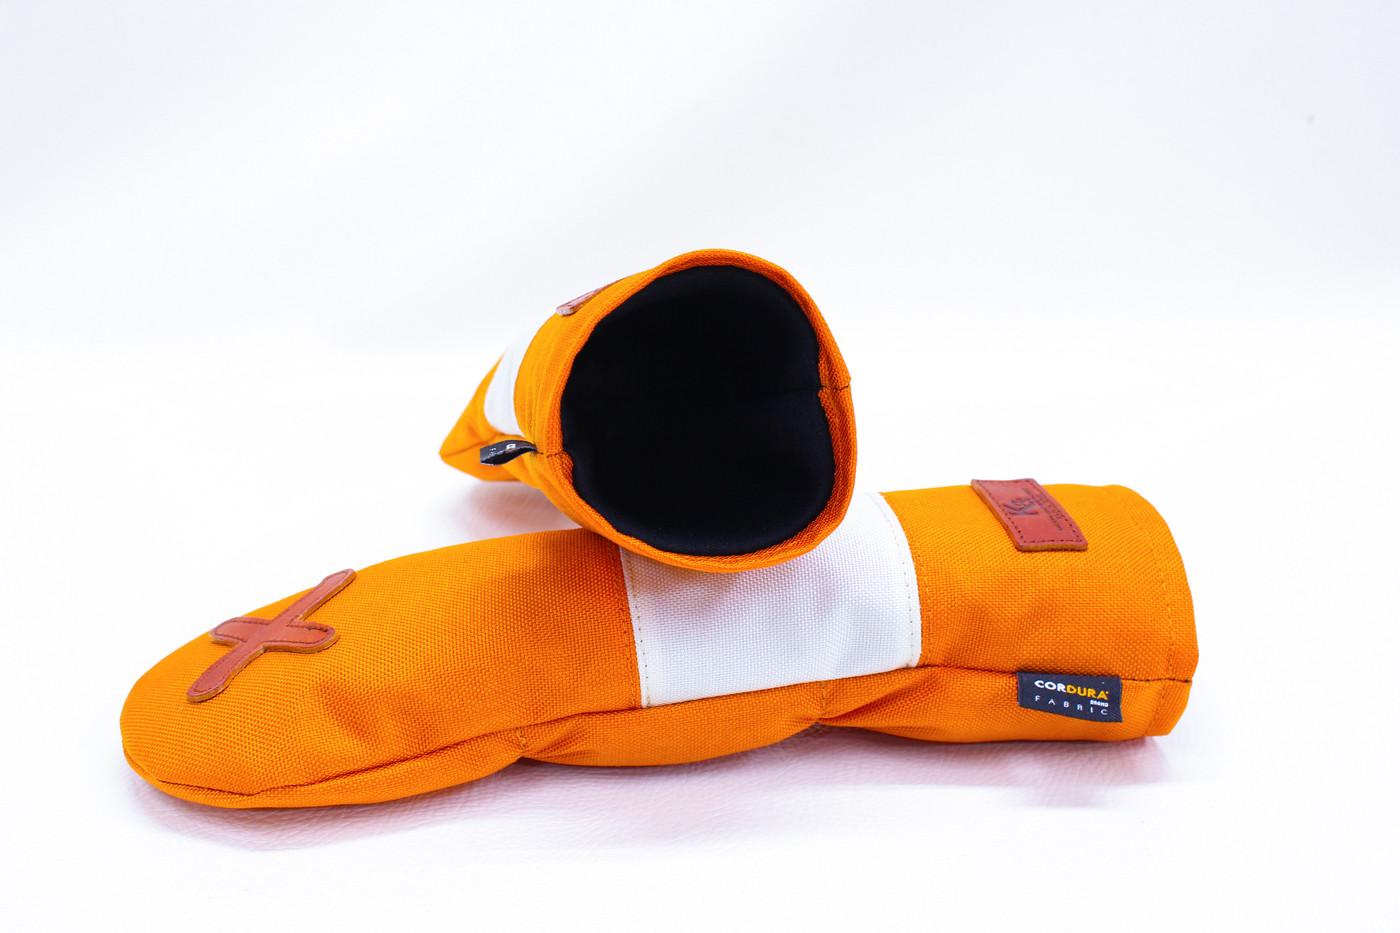 K& HC-Mit COBA ヘッドカバー オレンジ、オフホワイト×fieno 内装